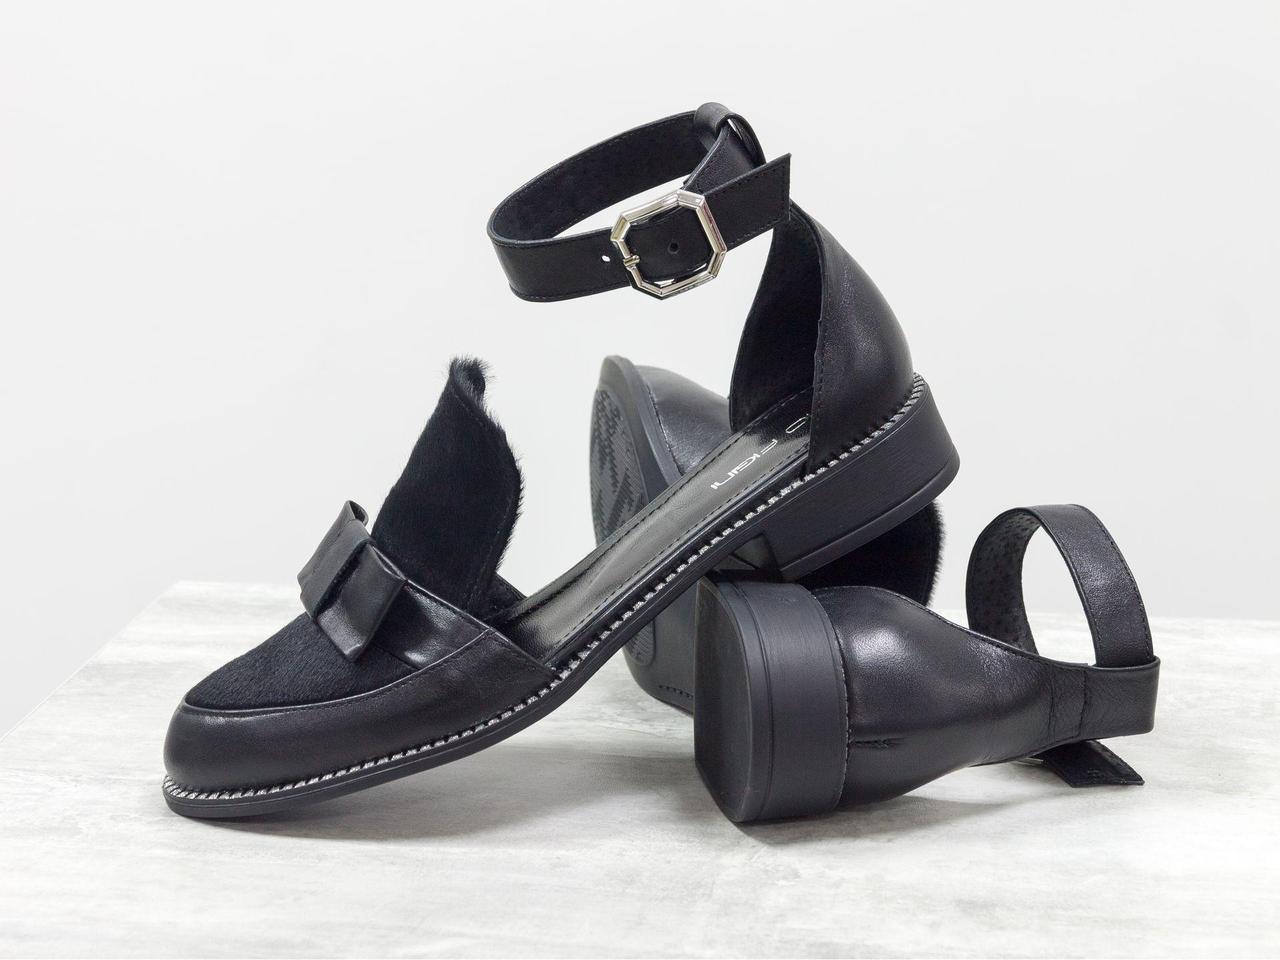 Красивые и удобные женские Туфли с бантиком из натуральной кожи черного цвета и вставками из меха пони